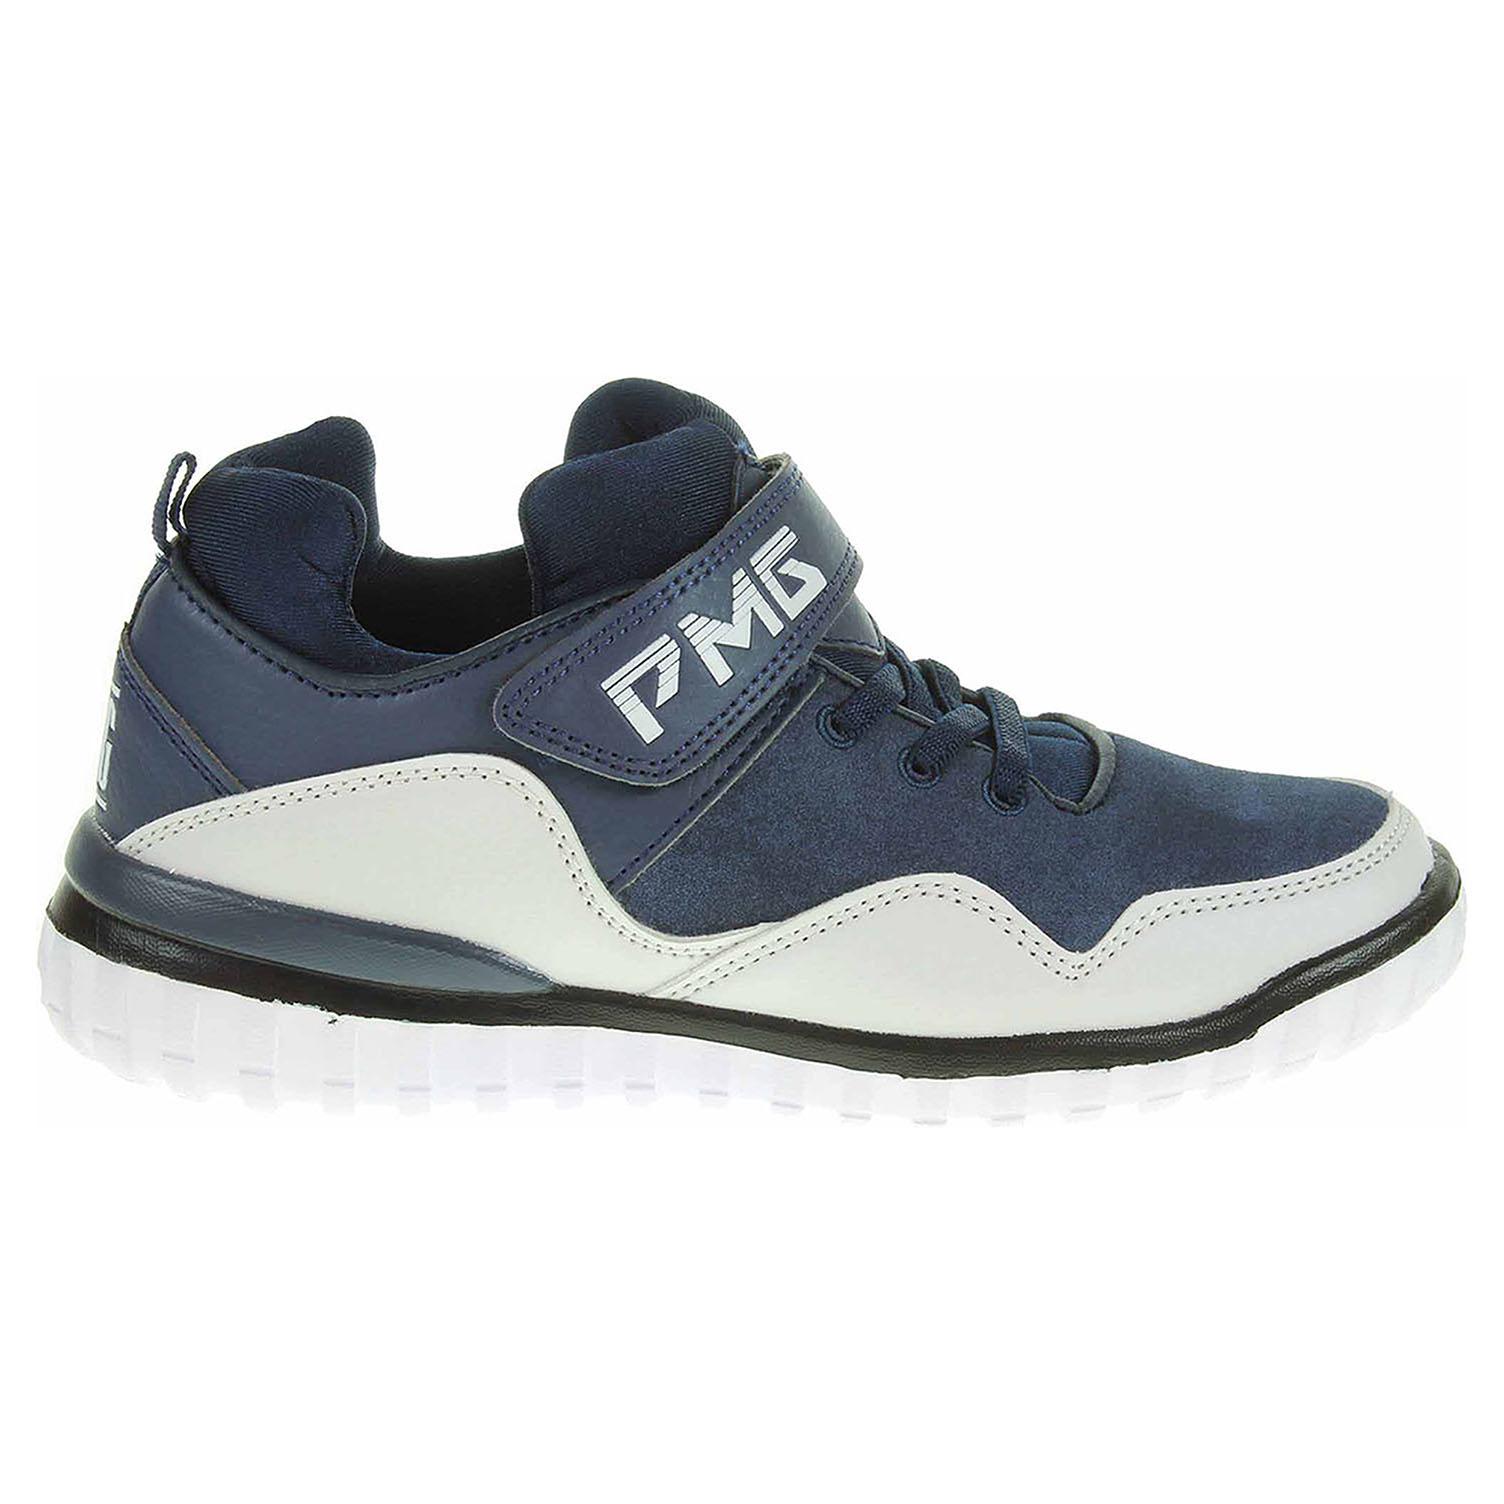 Ecco Primigi chlapecká obuv 8295200 modrá 29700111